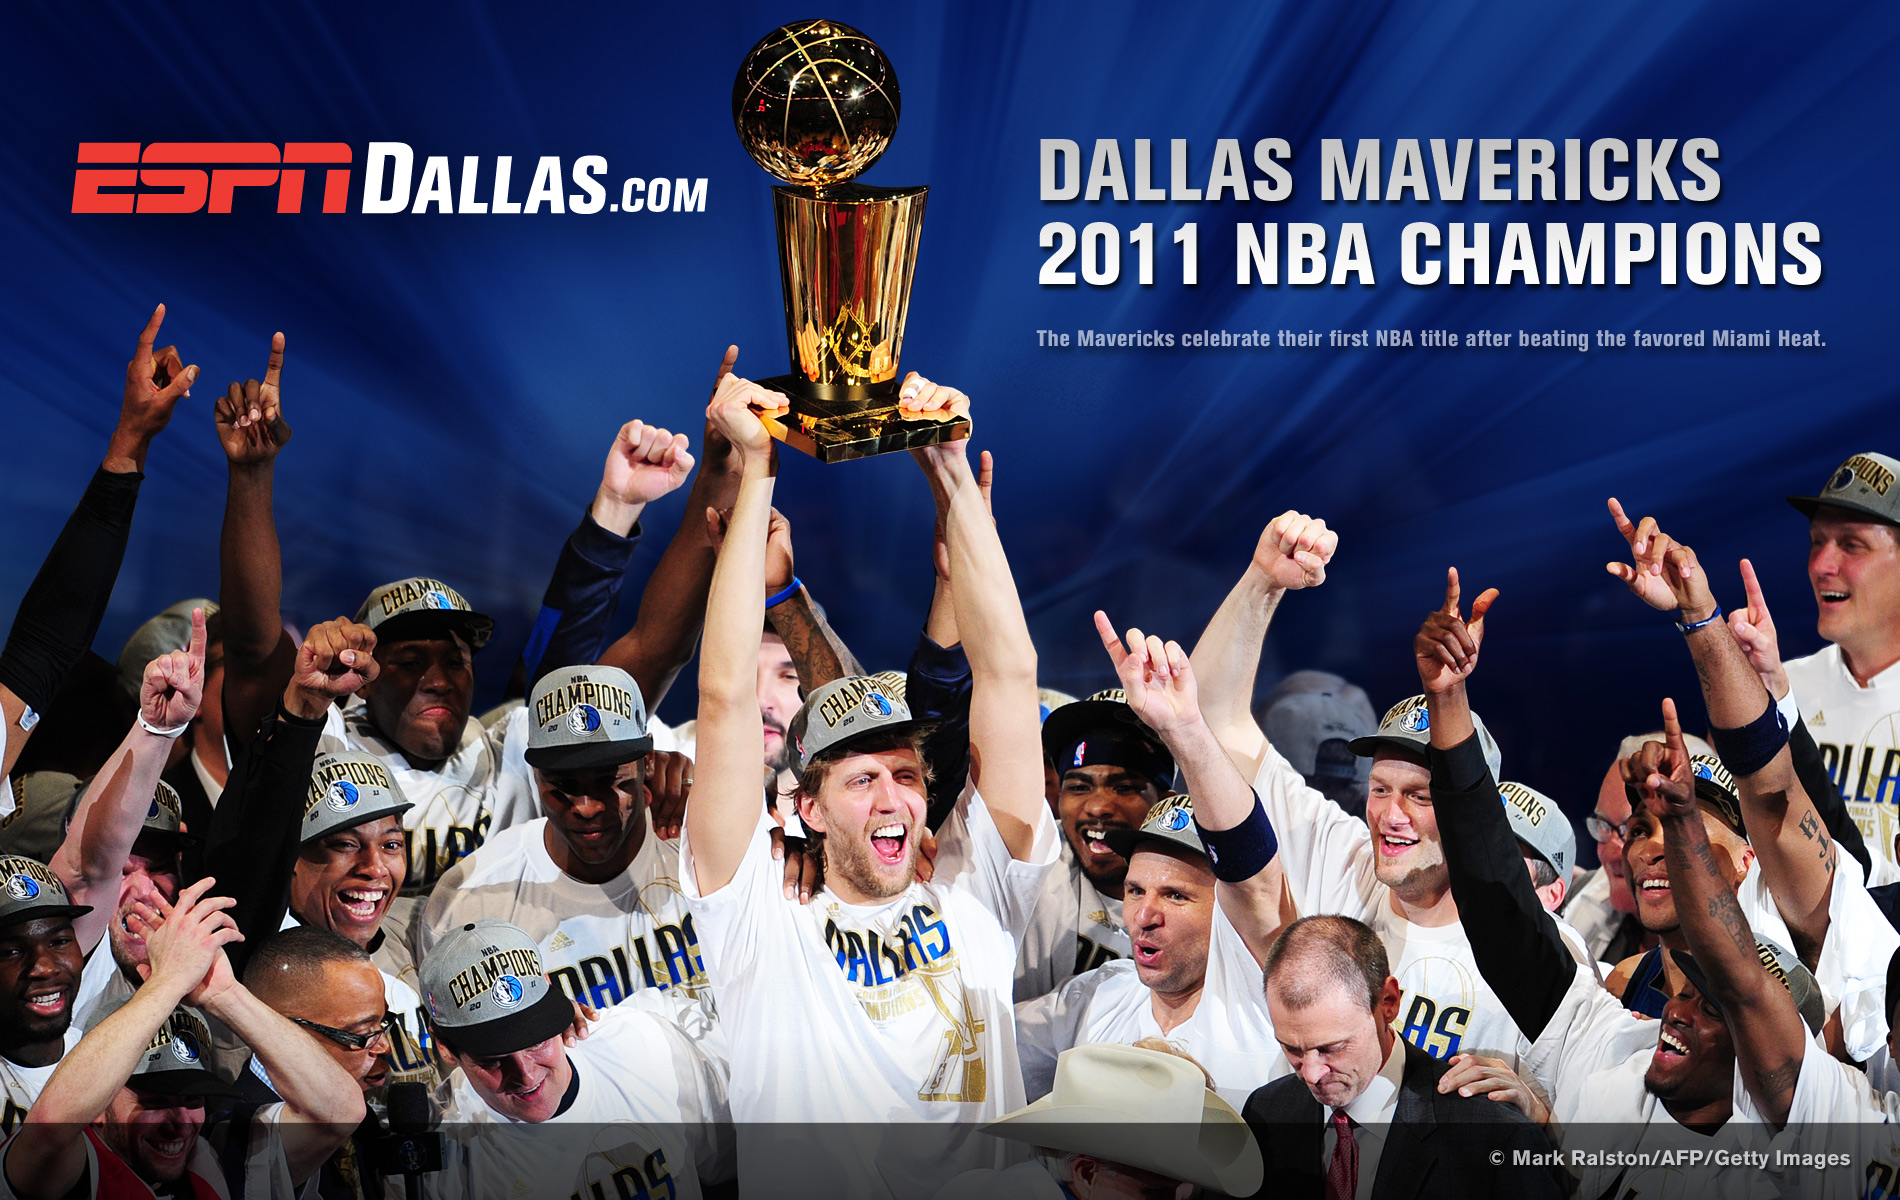 2010 11 Dallas Mavericks Wallpaper